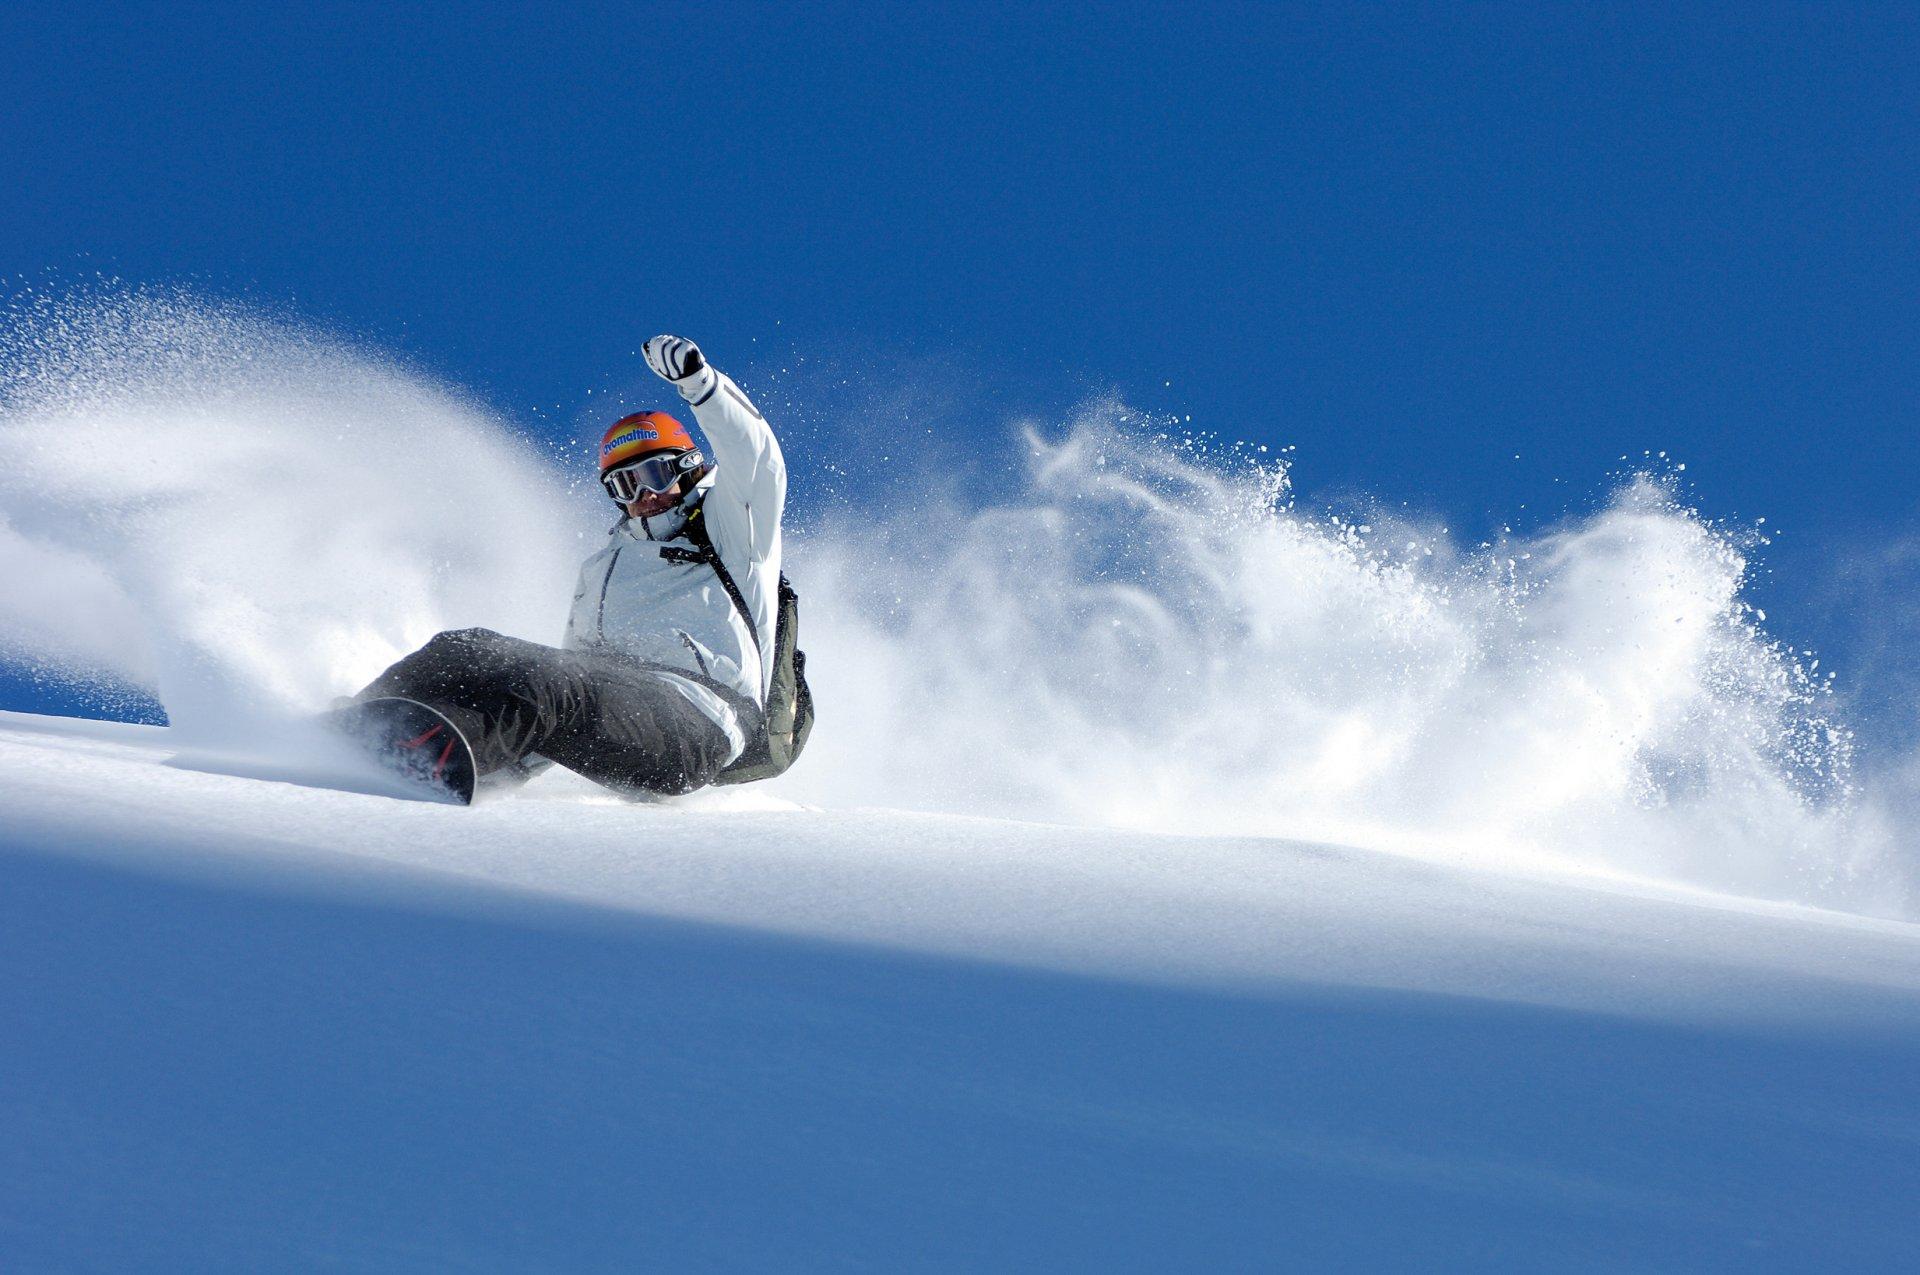 популярный транспорт сноуборд картинки на рабочий увеличении фото всплывающем